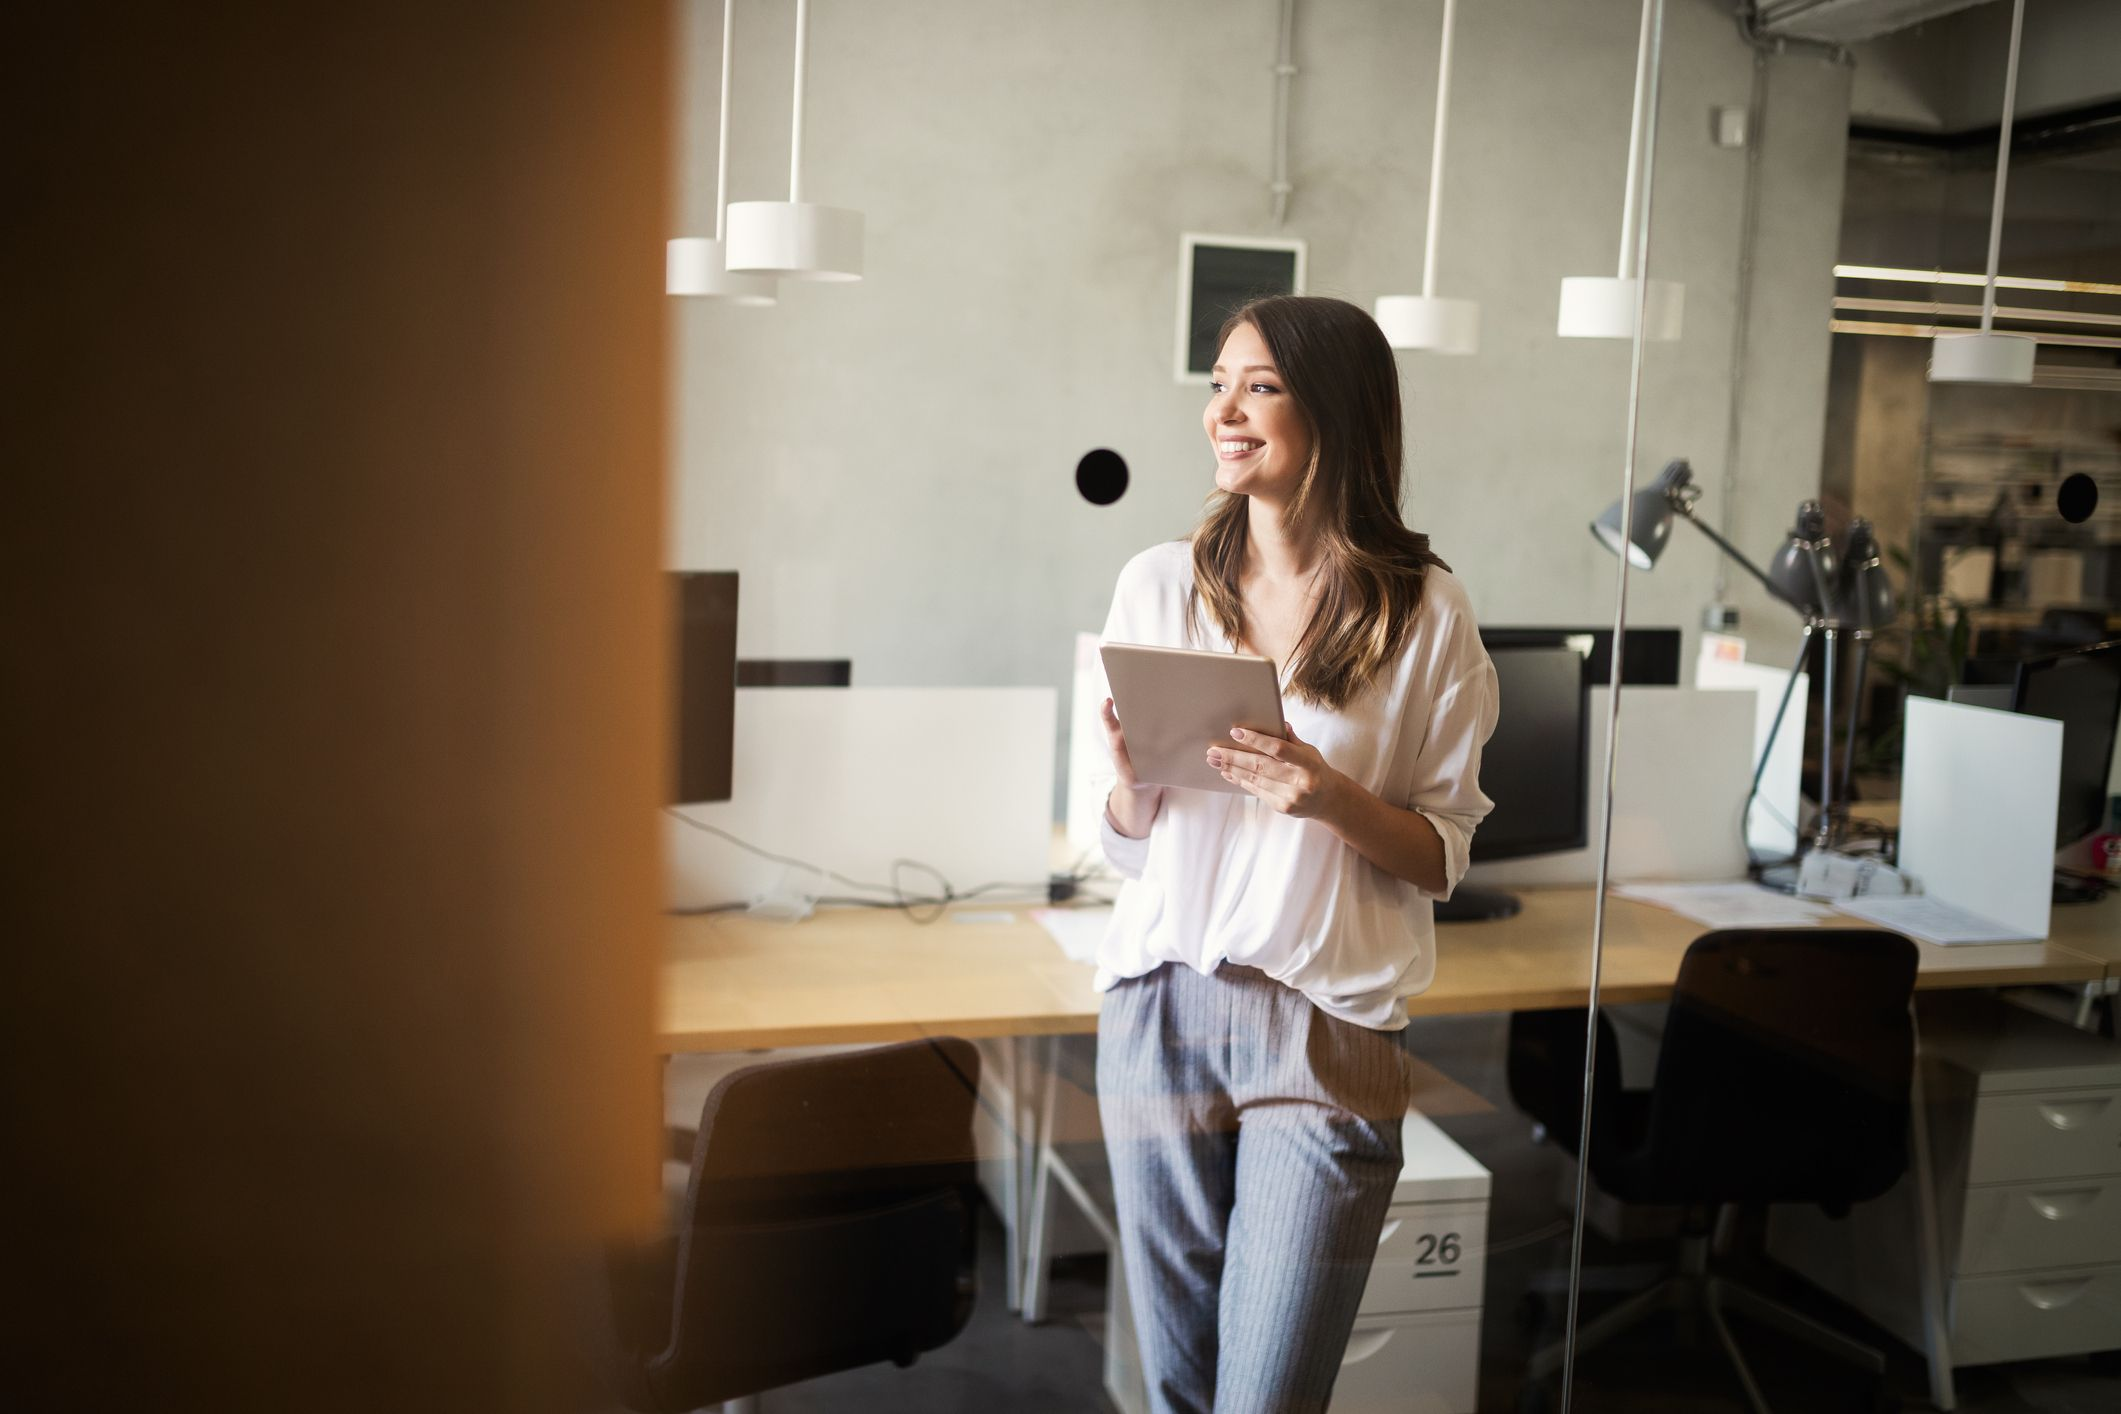 Ser-se empreendedor vai muito mais além de tomar um risco para a organização de um determinado negócio.